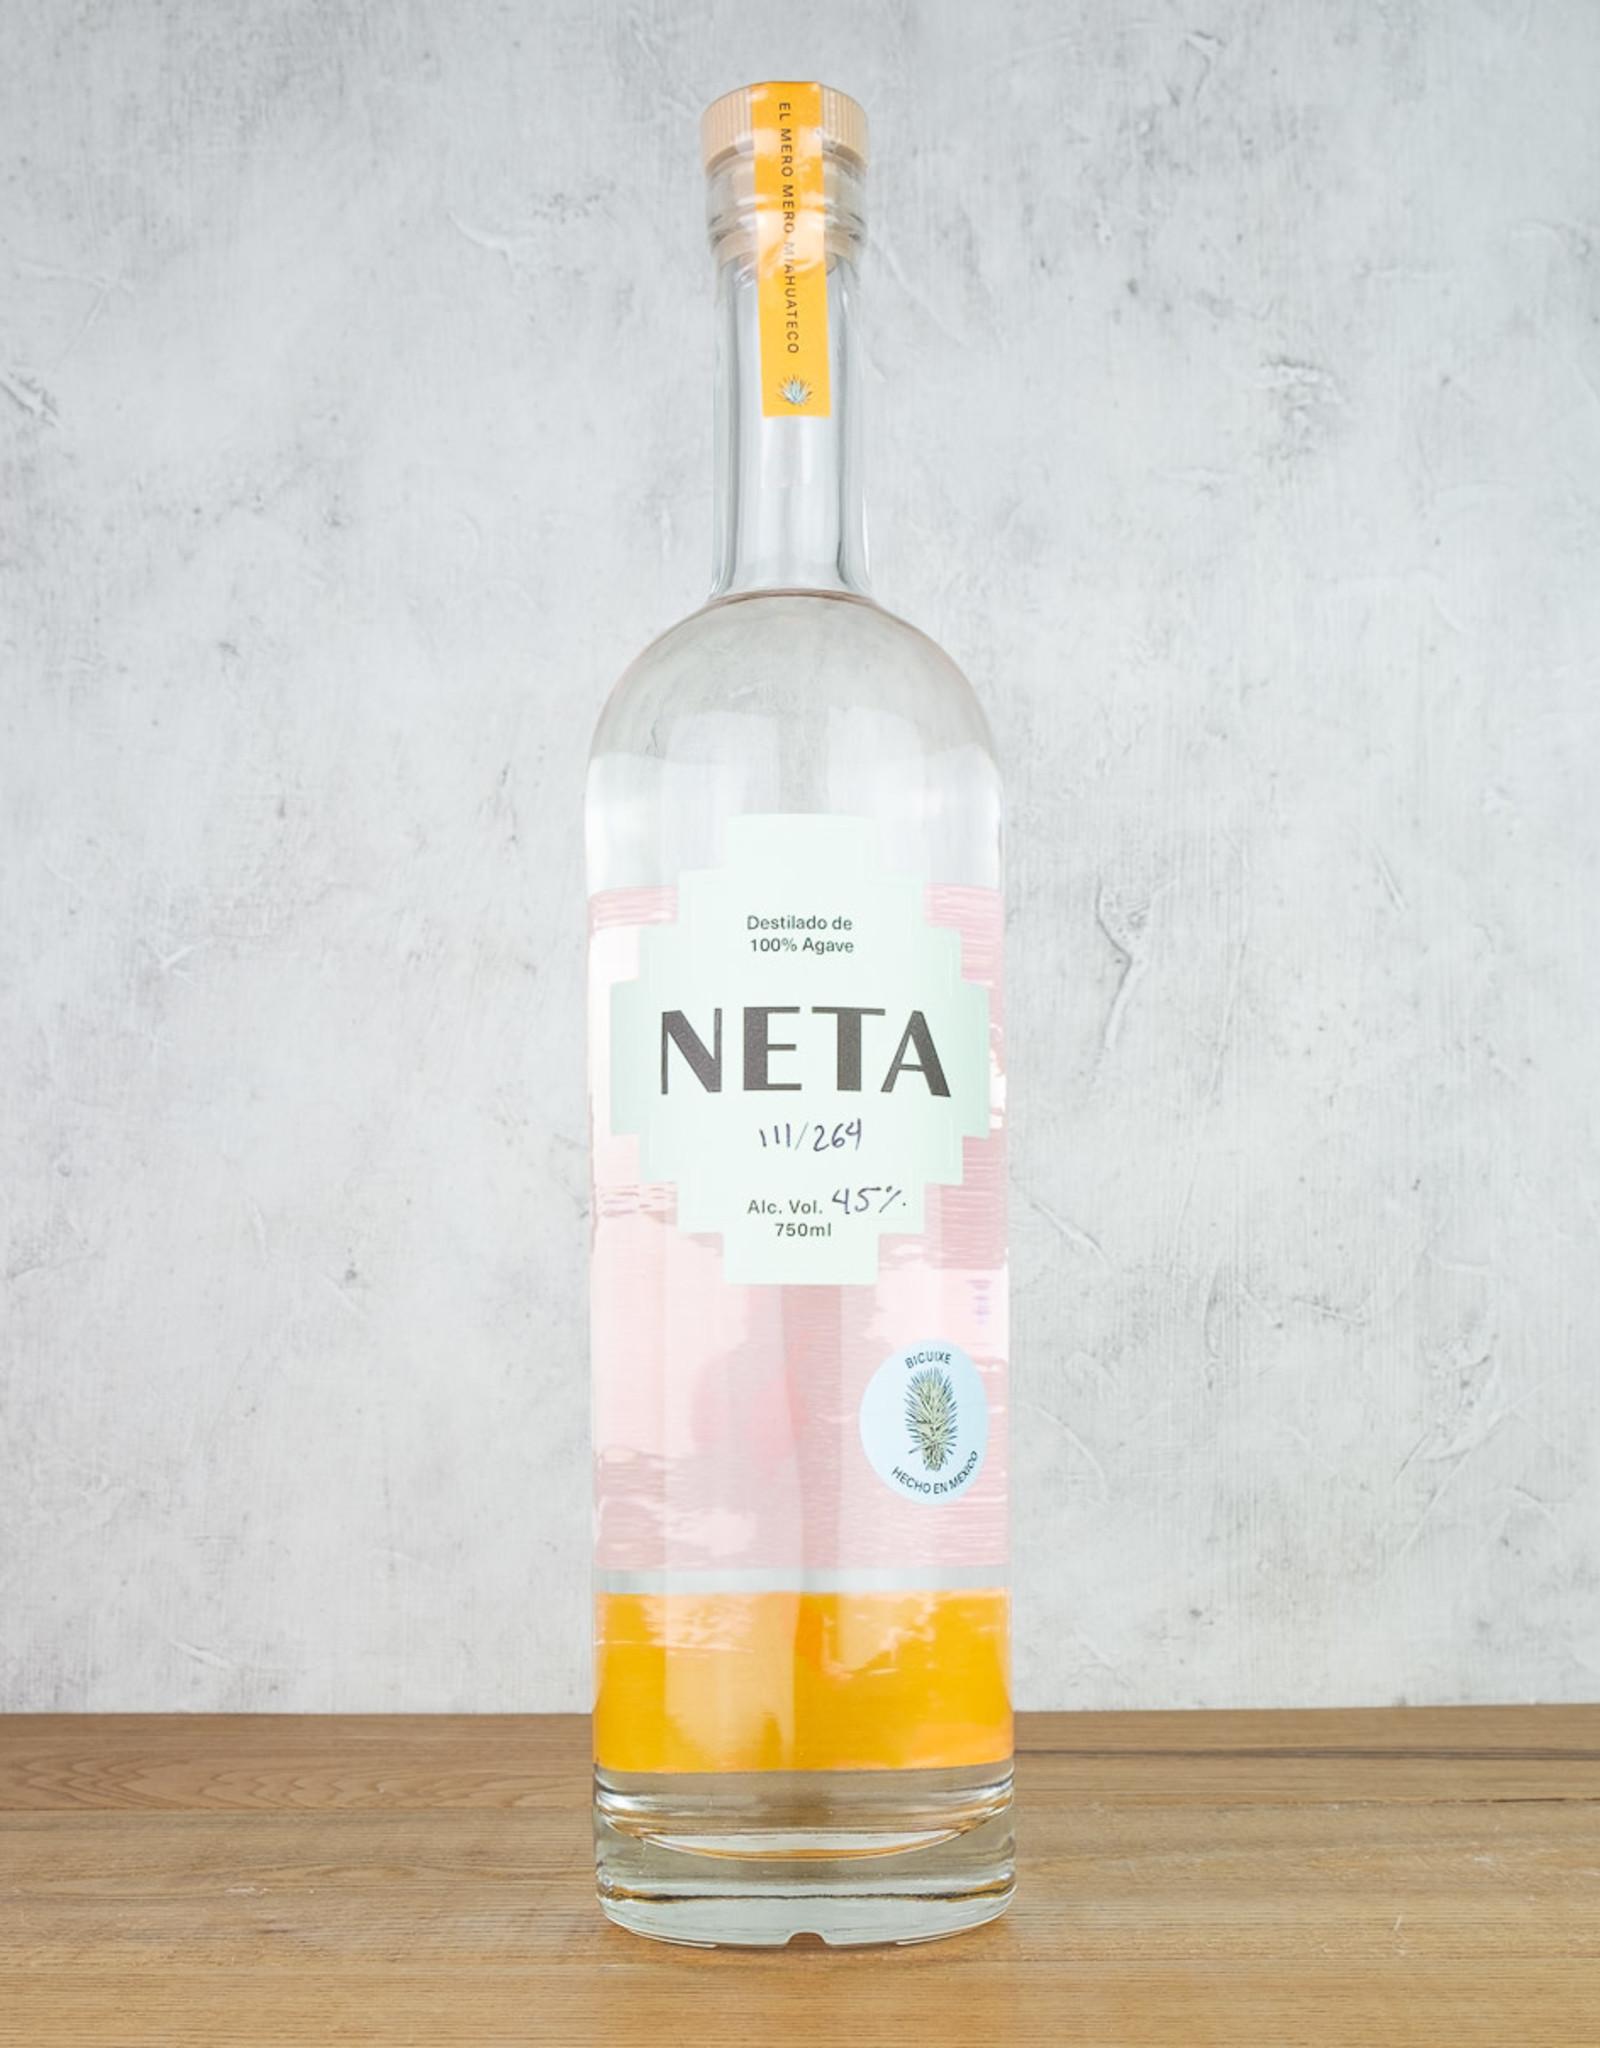 Neta Bicuixe Mezcal